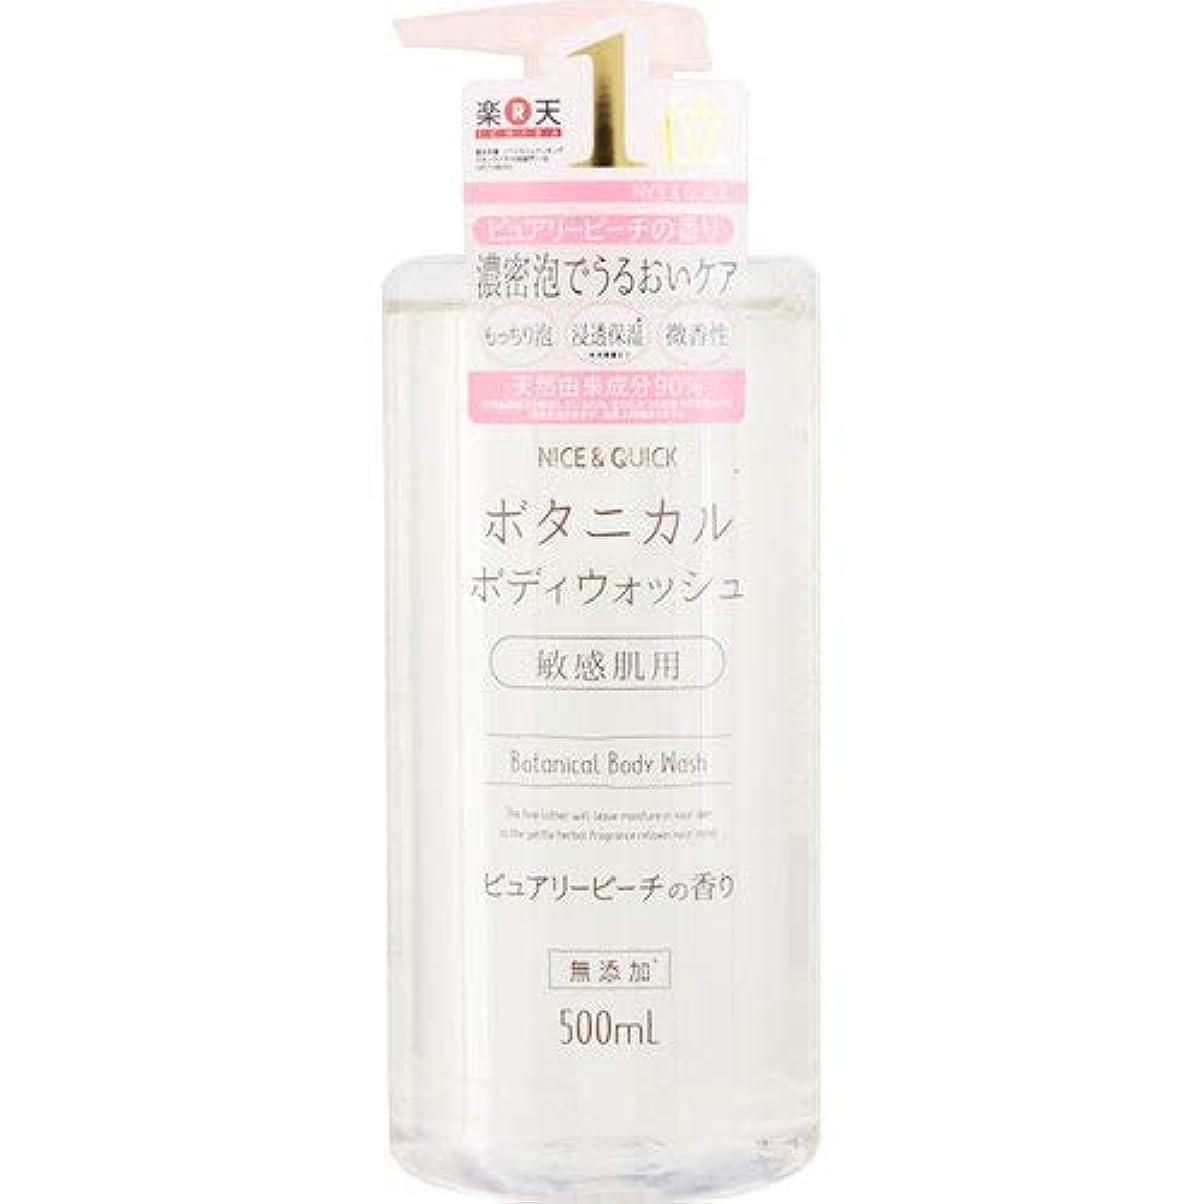 差し引くモナリザ承認NICE&QUICK ボタニカル ボディウォッシュ ピュアリーピーチの香り 500ml ナイスクイック